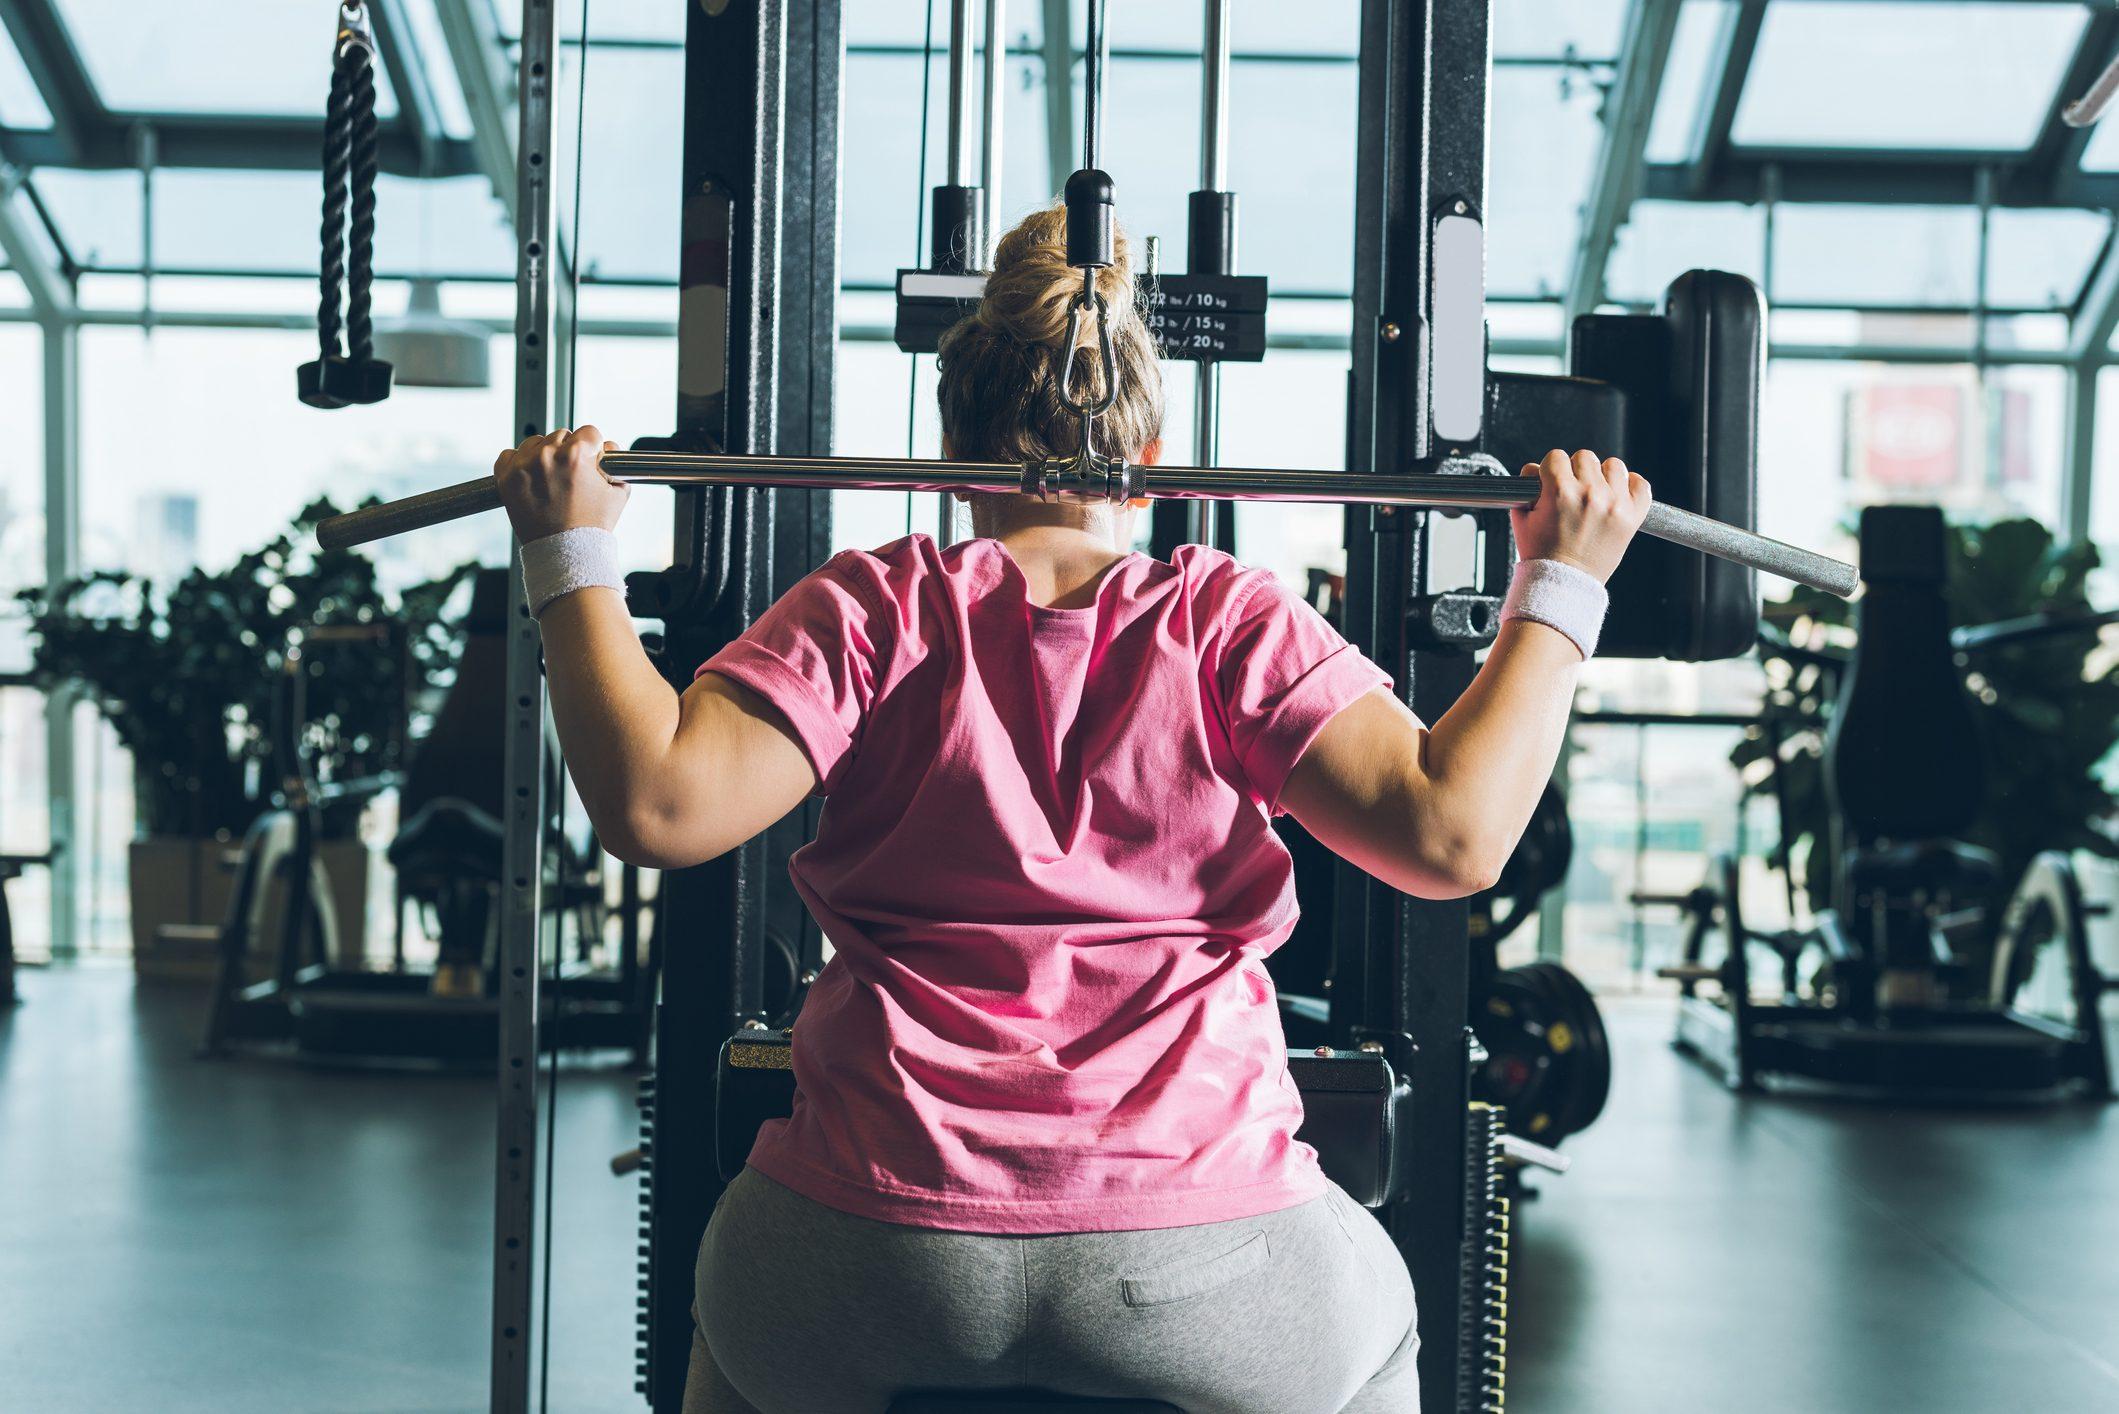 Esercizi Fisici Per Dimagrire Come Puoi Alternare Attivita Cardio Alla Tonificazione Ohga